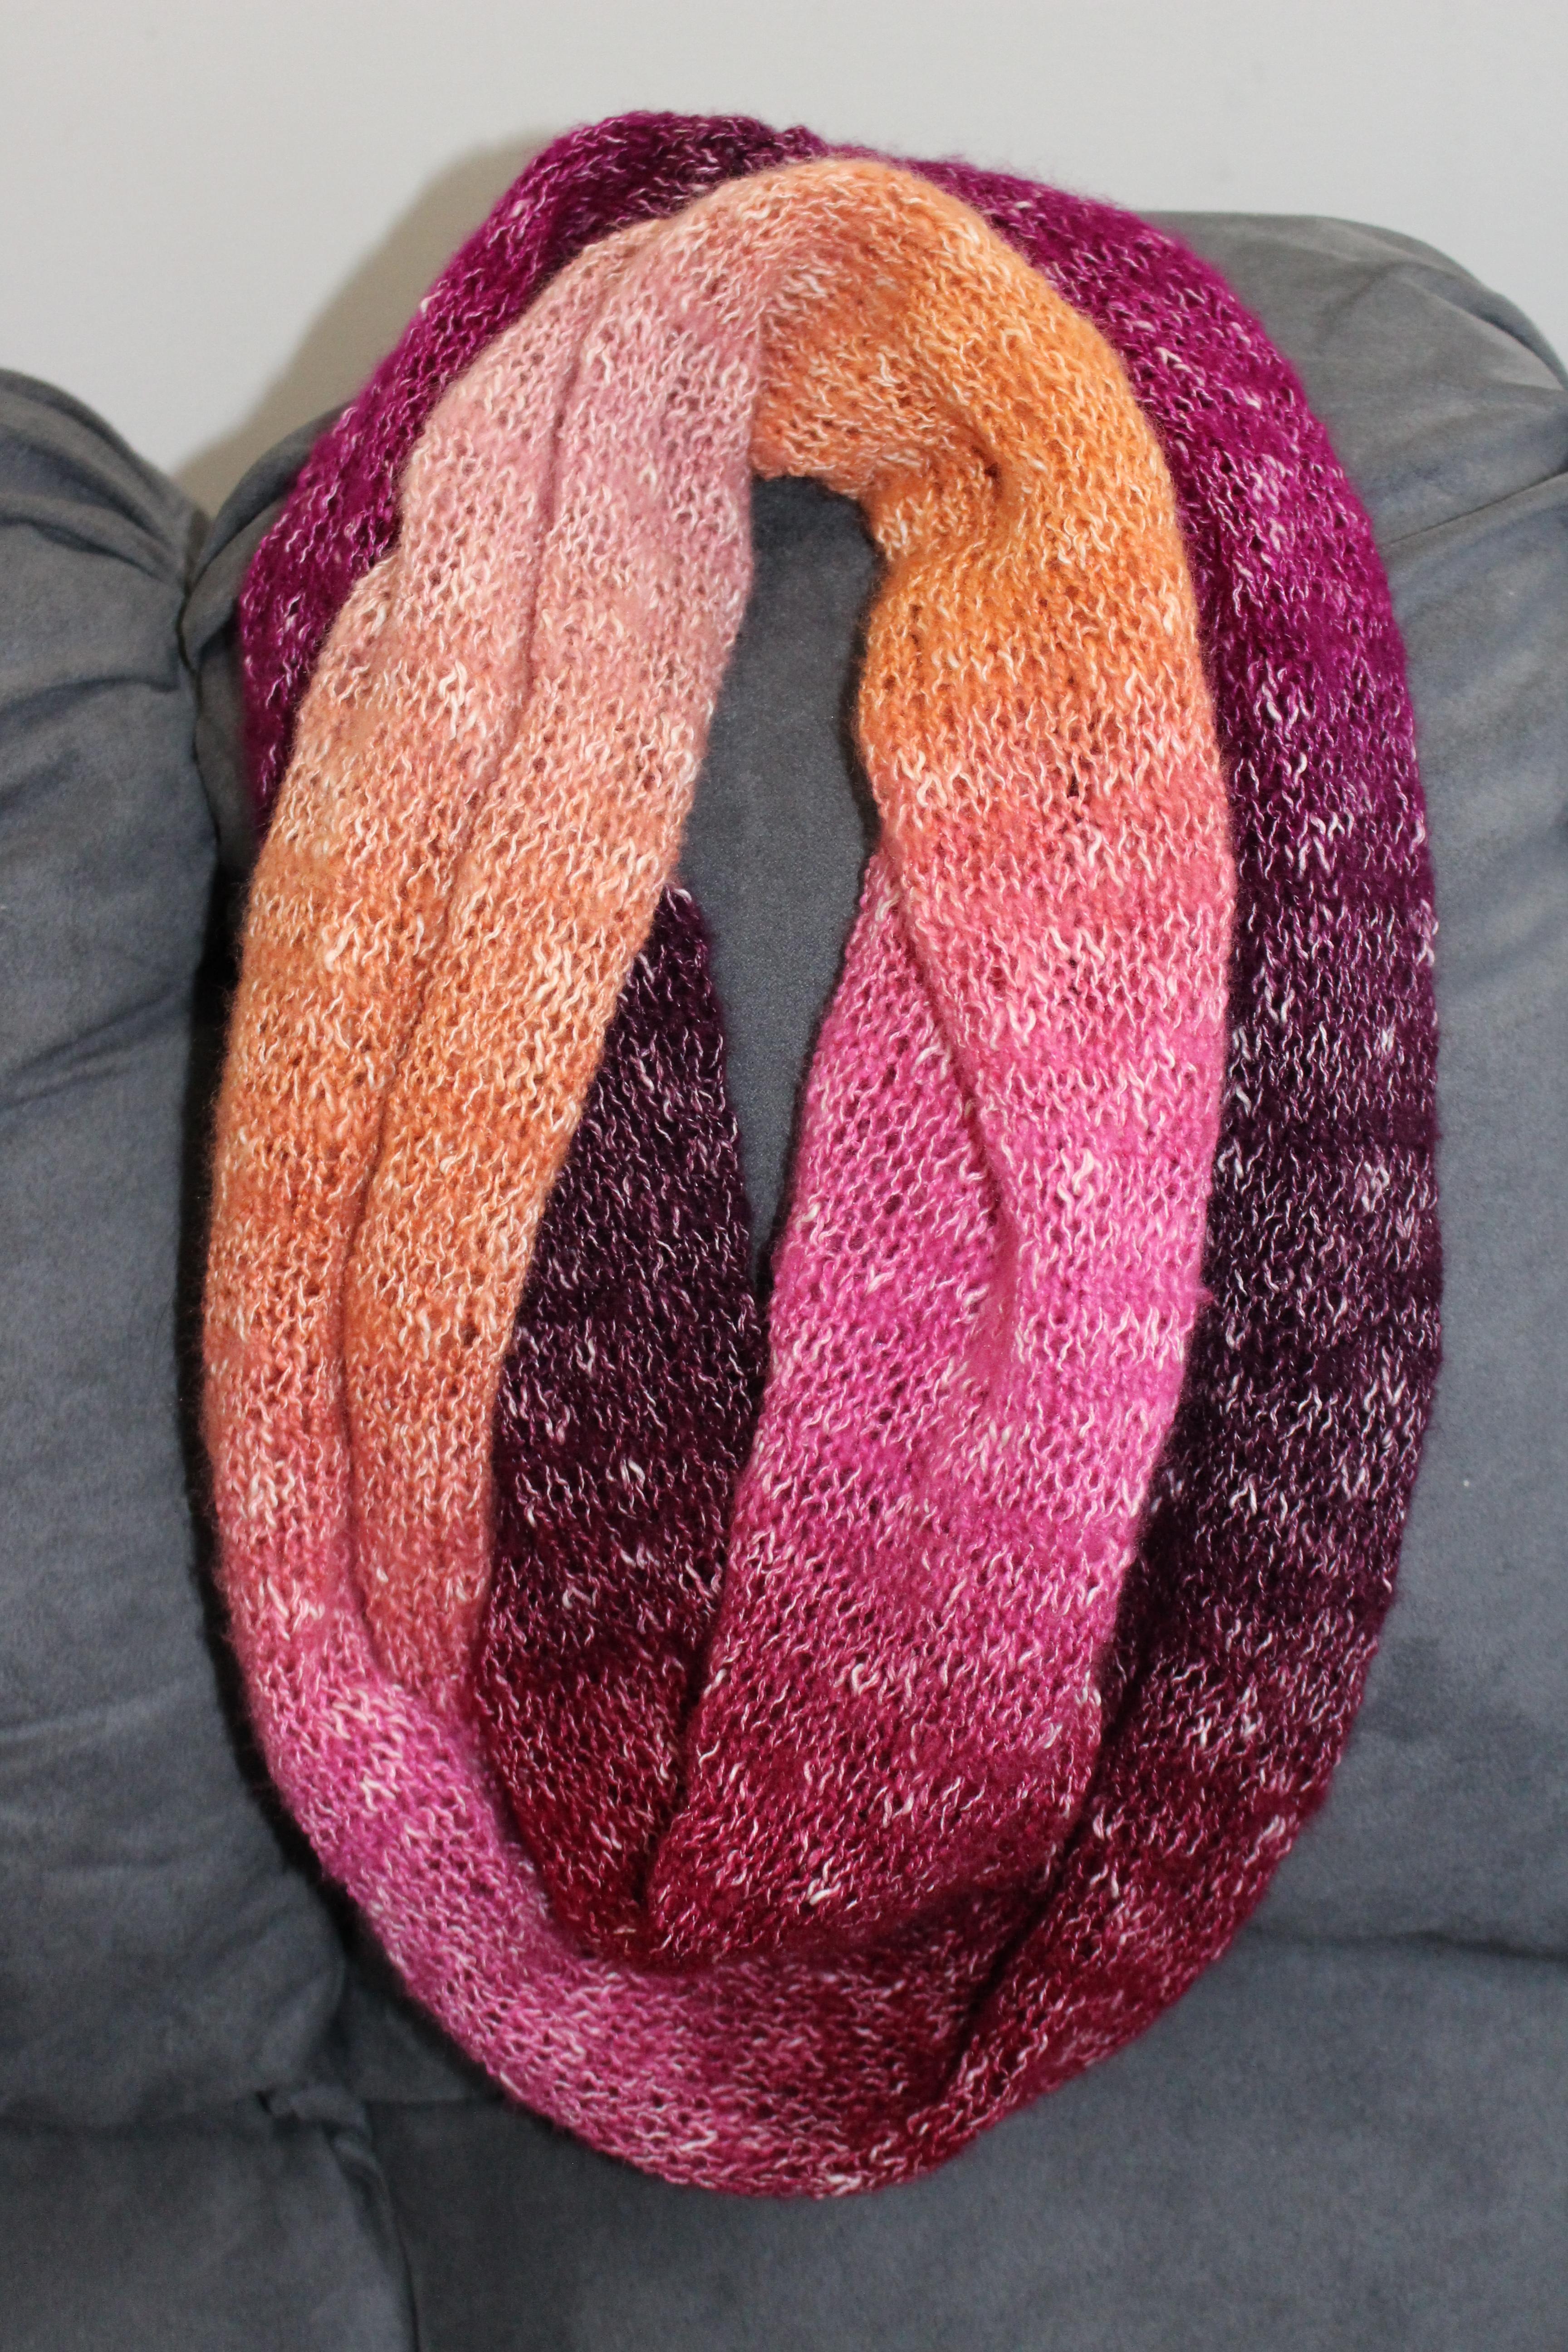 One ball shawl